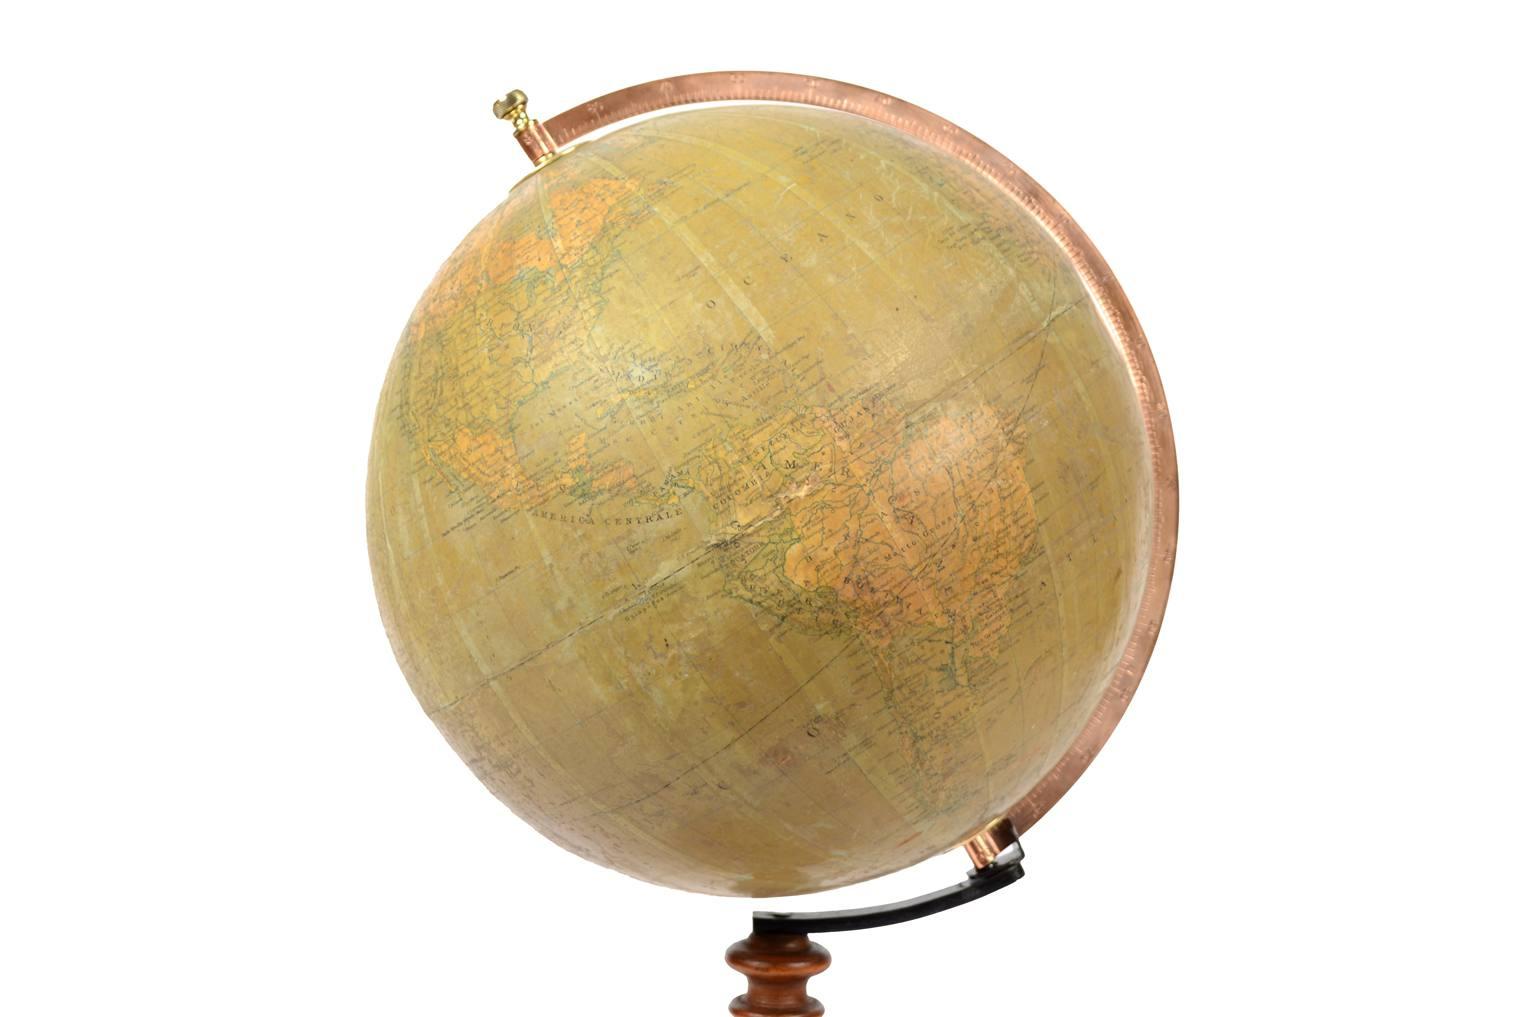 Globi-mappamondi antichi/5785-Globo antico Vallardi